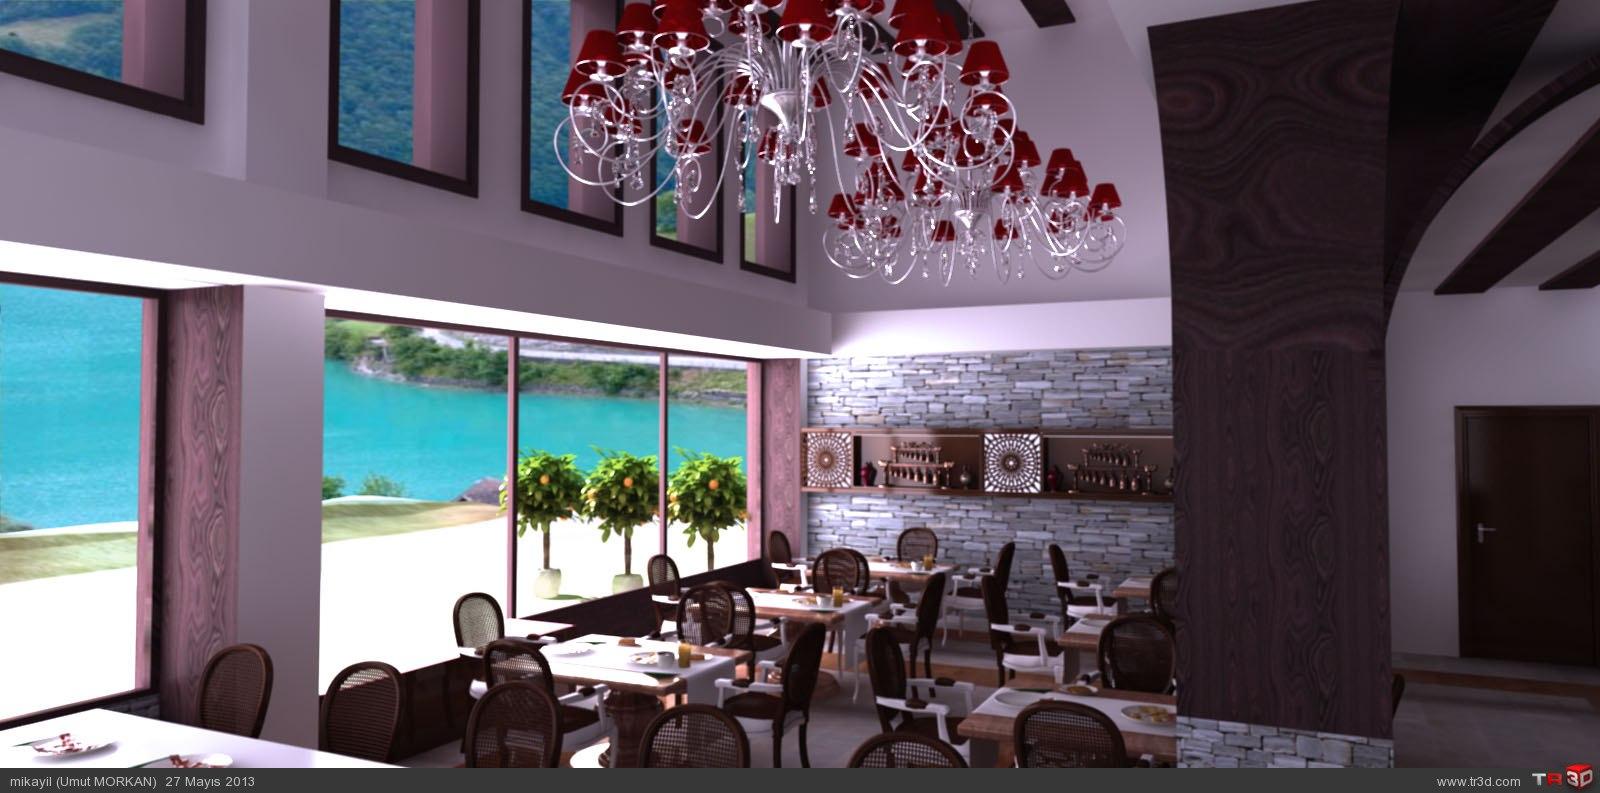 Restorant 1